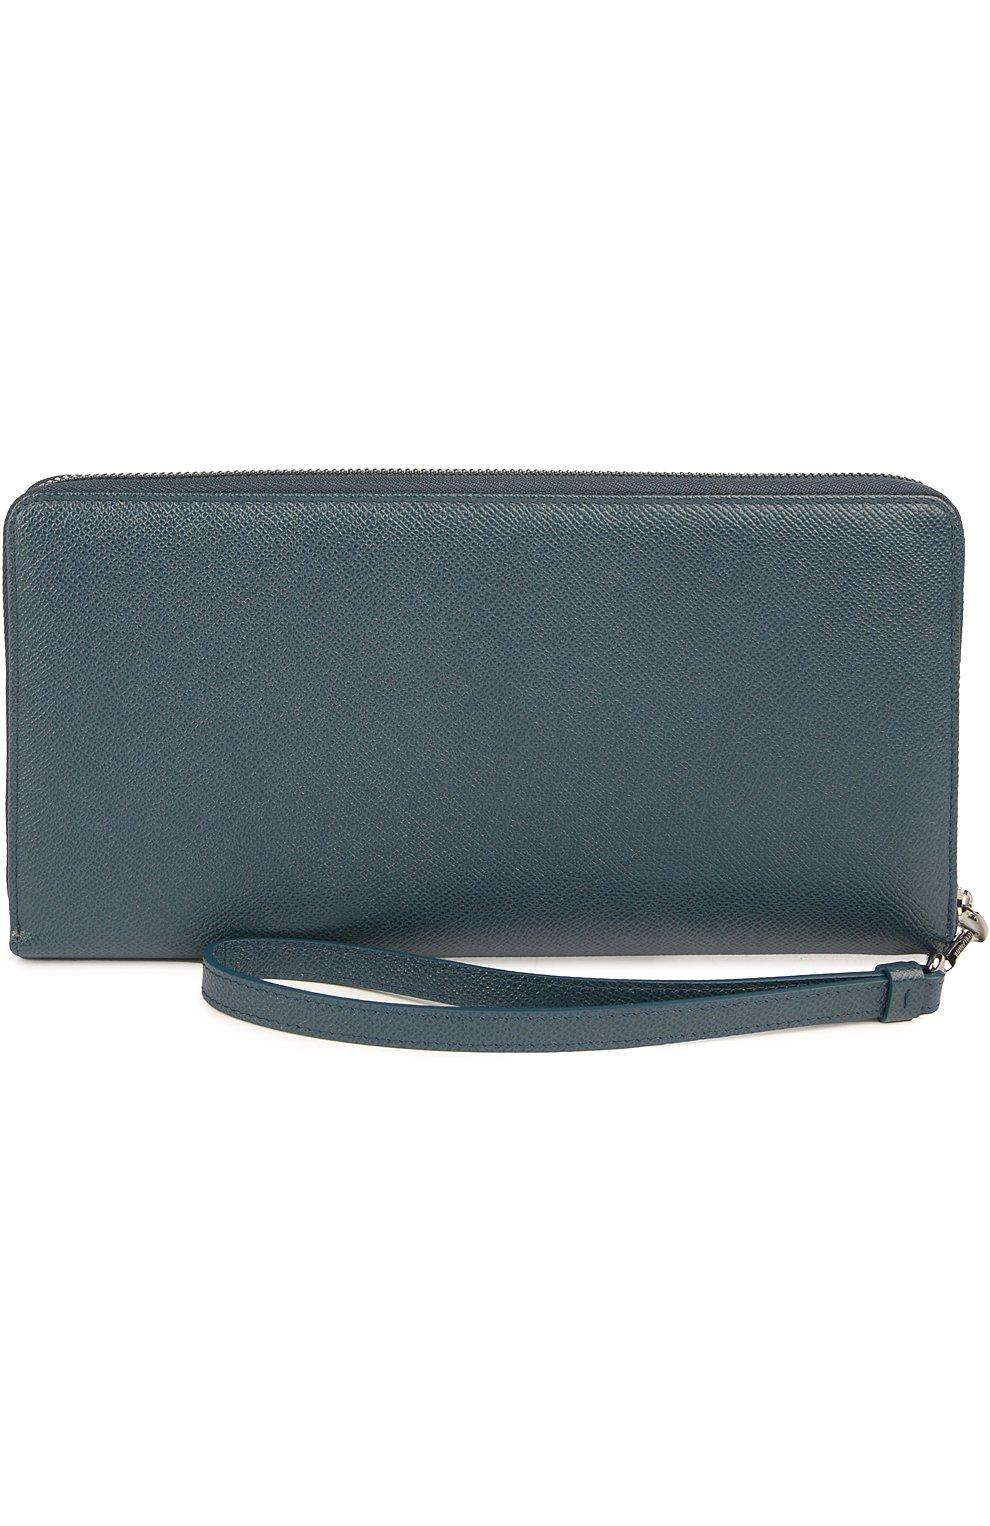 Кожаный бумажник на молнии с отделением для кредитных карт Dolce & Gabbana темно-синего цвета | Фото №2